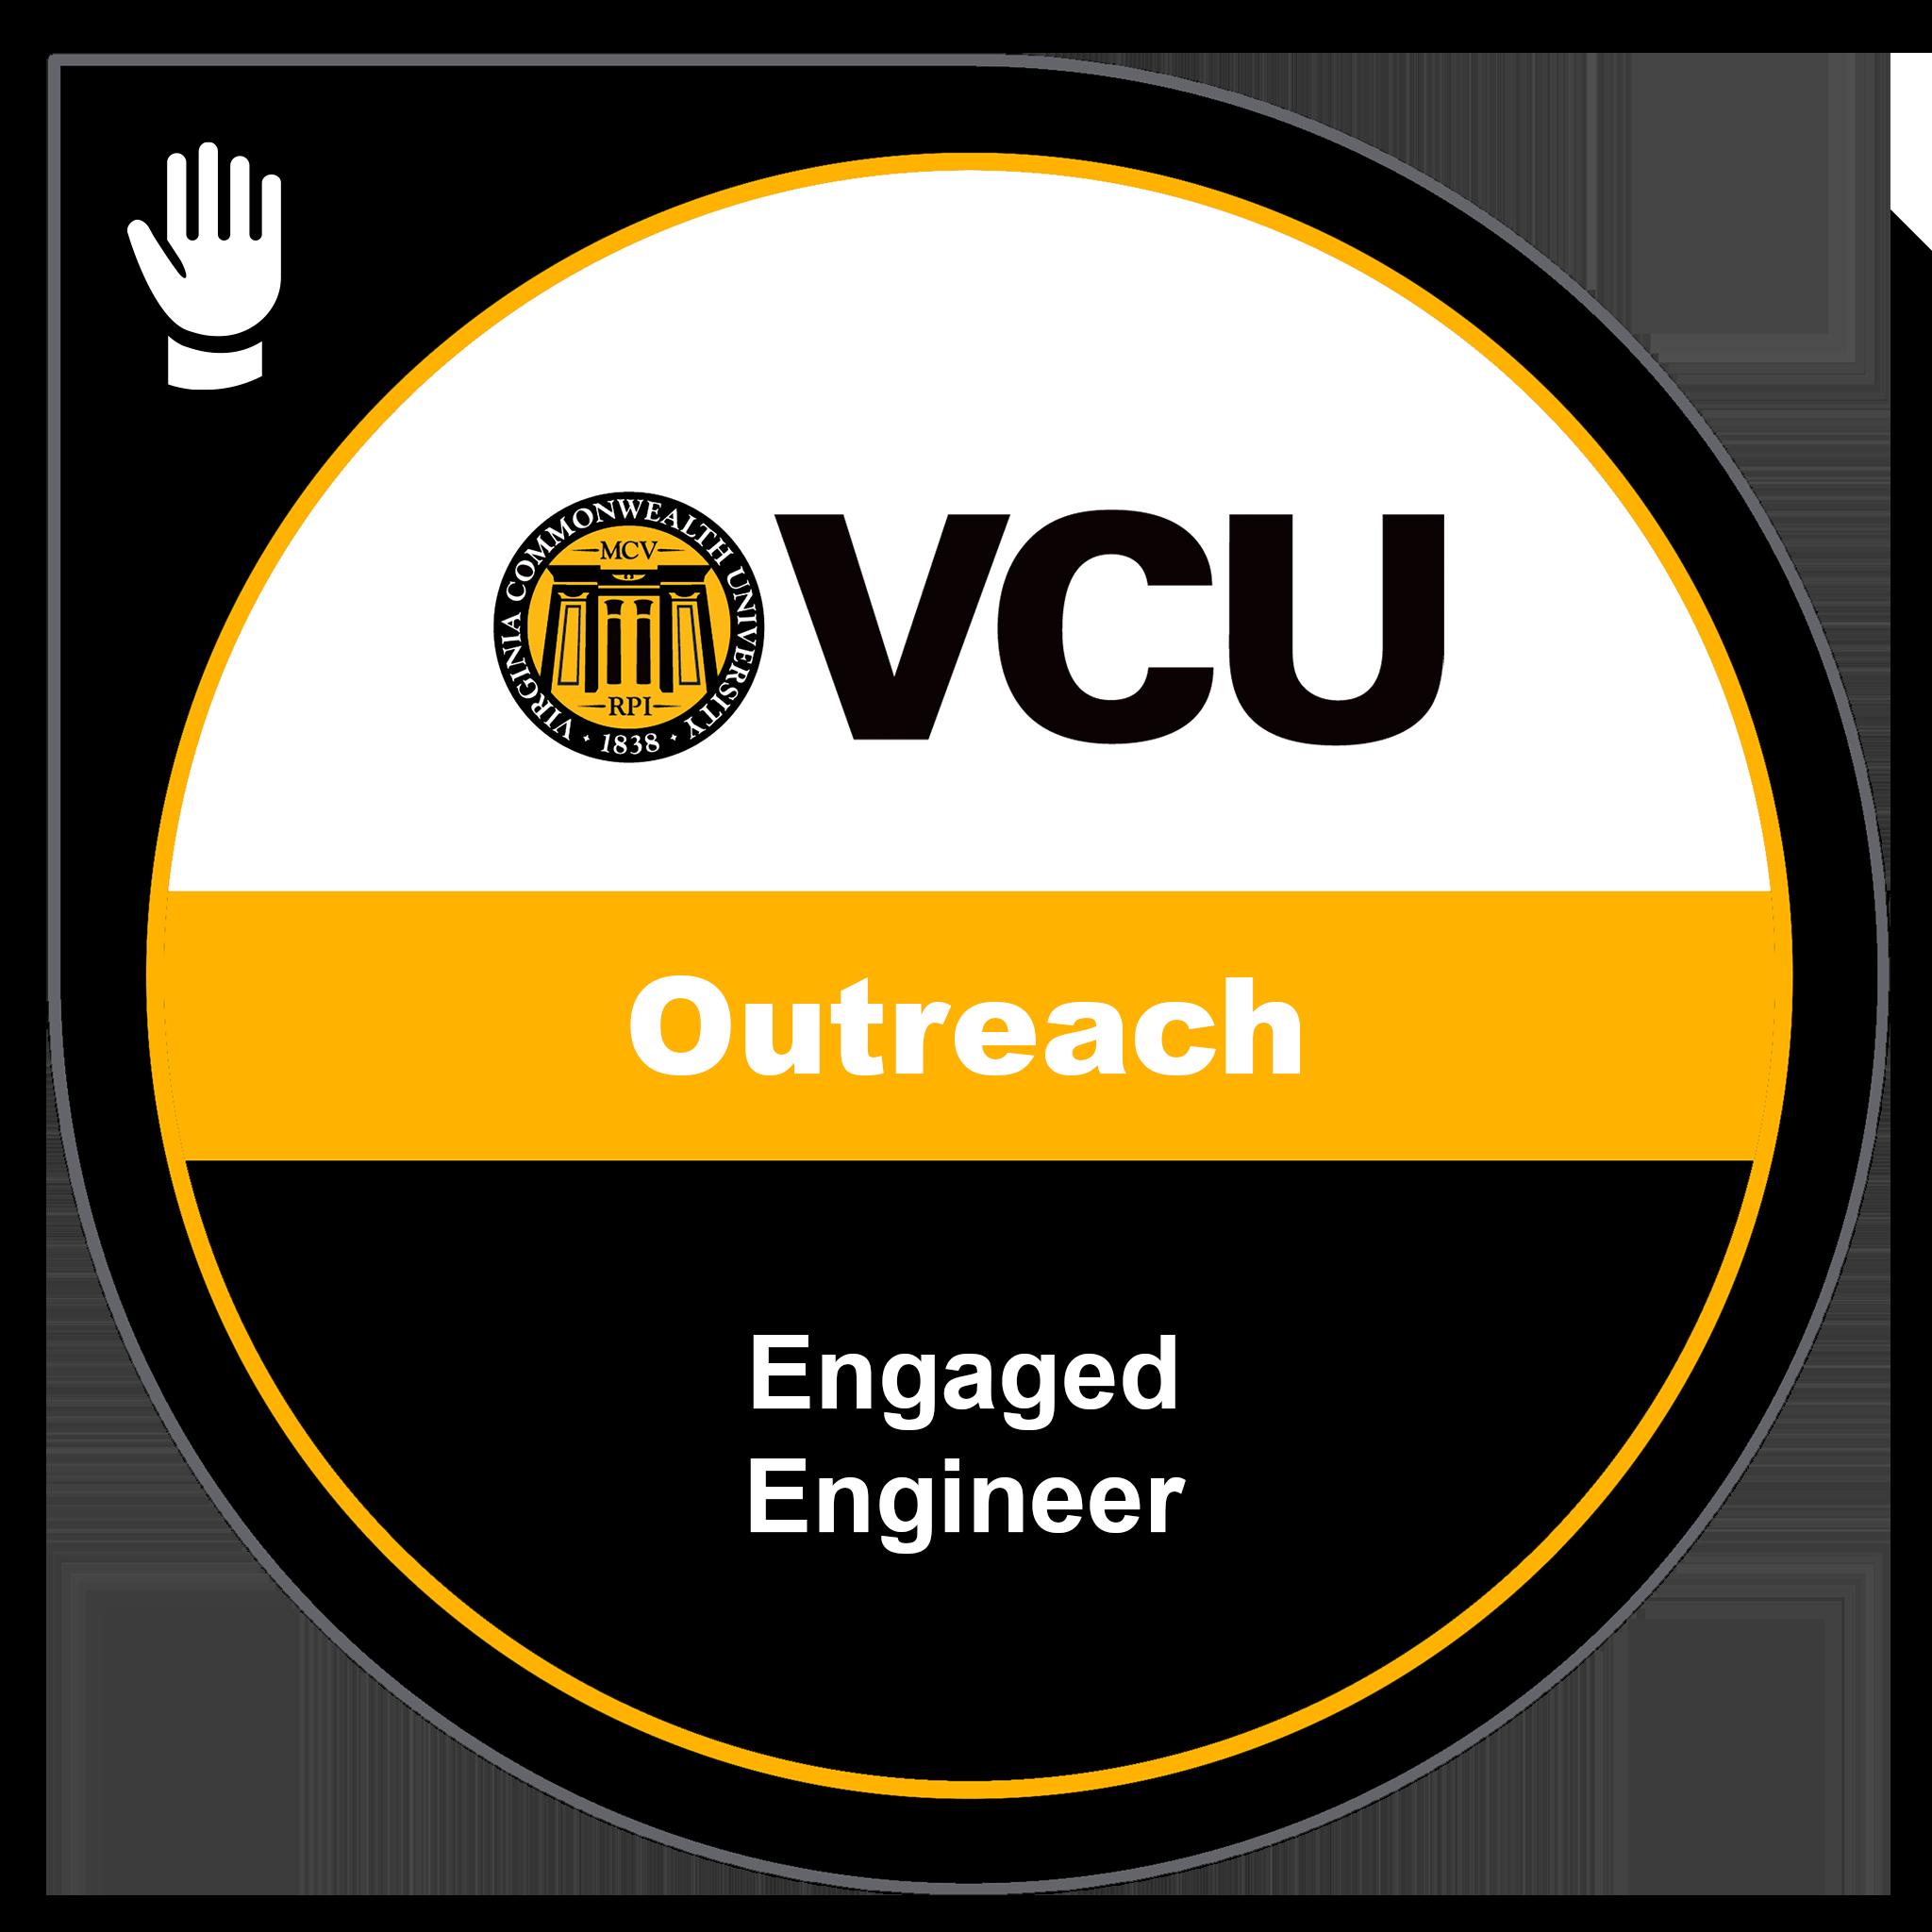 Engaged Engineer